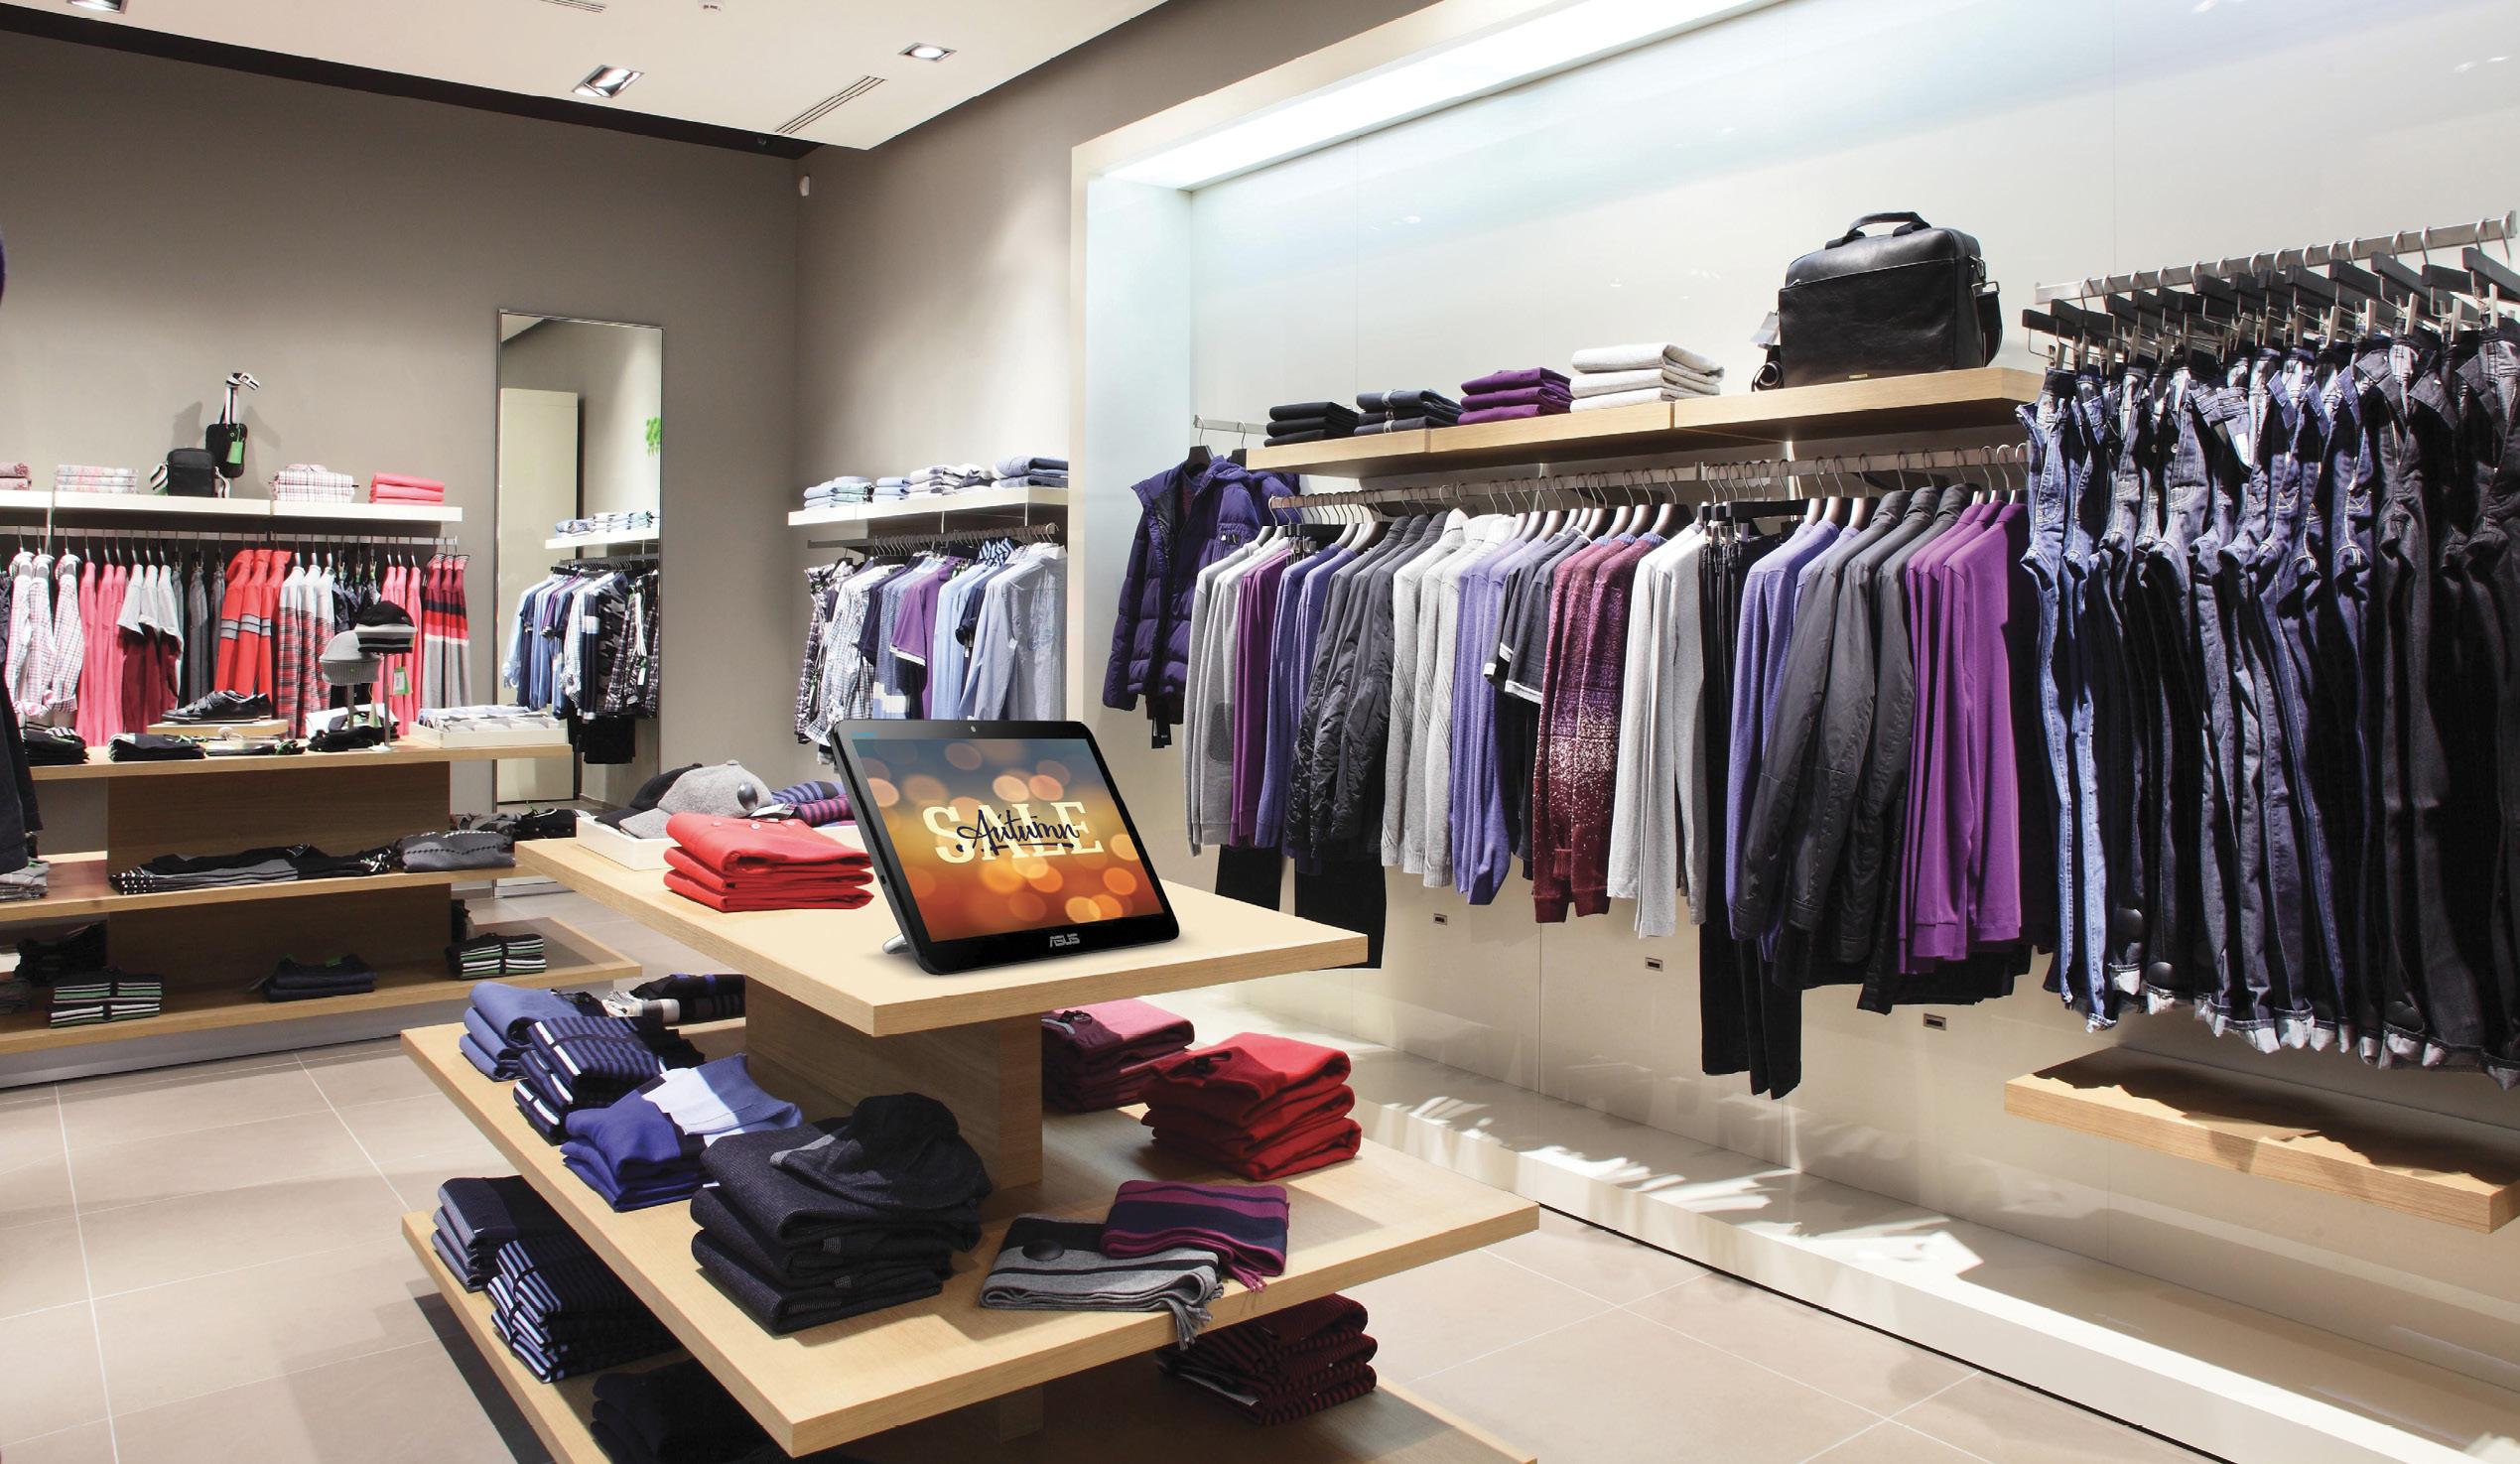 поэтому почти развеска рубашек в магазине одежды фото компаний занимающихся